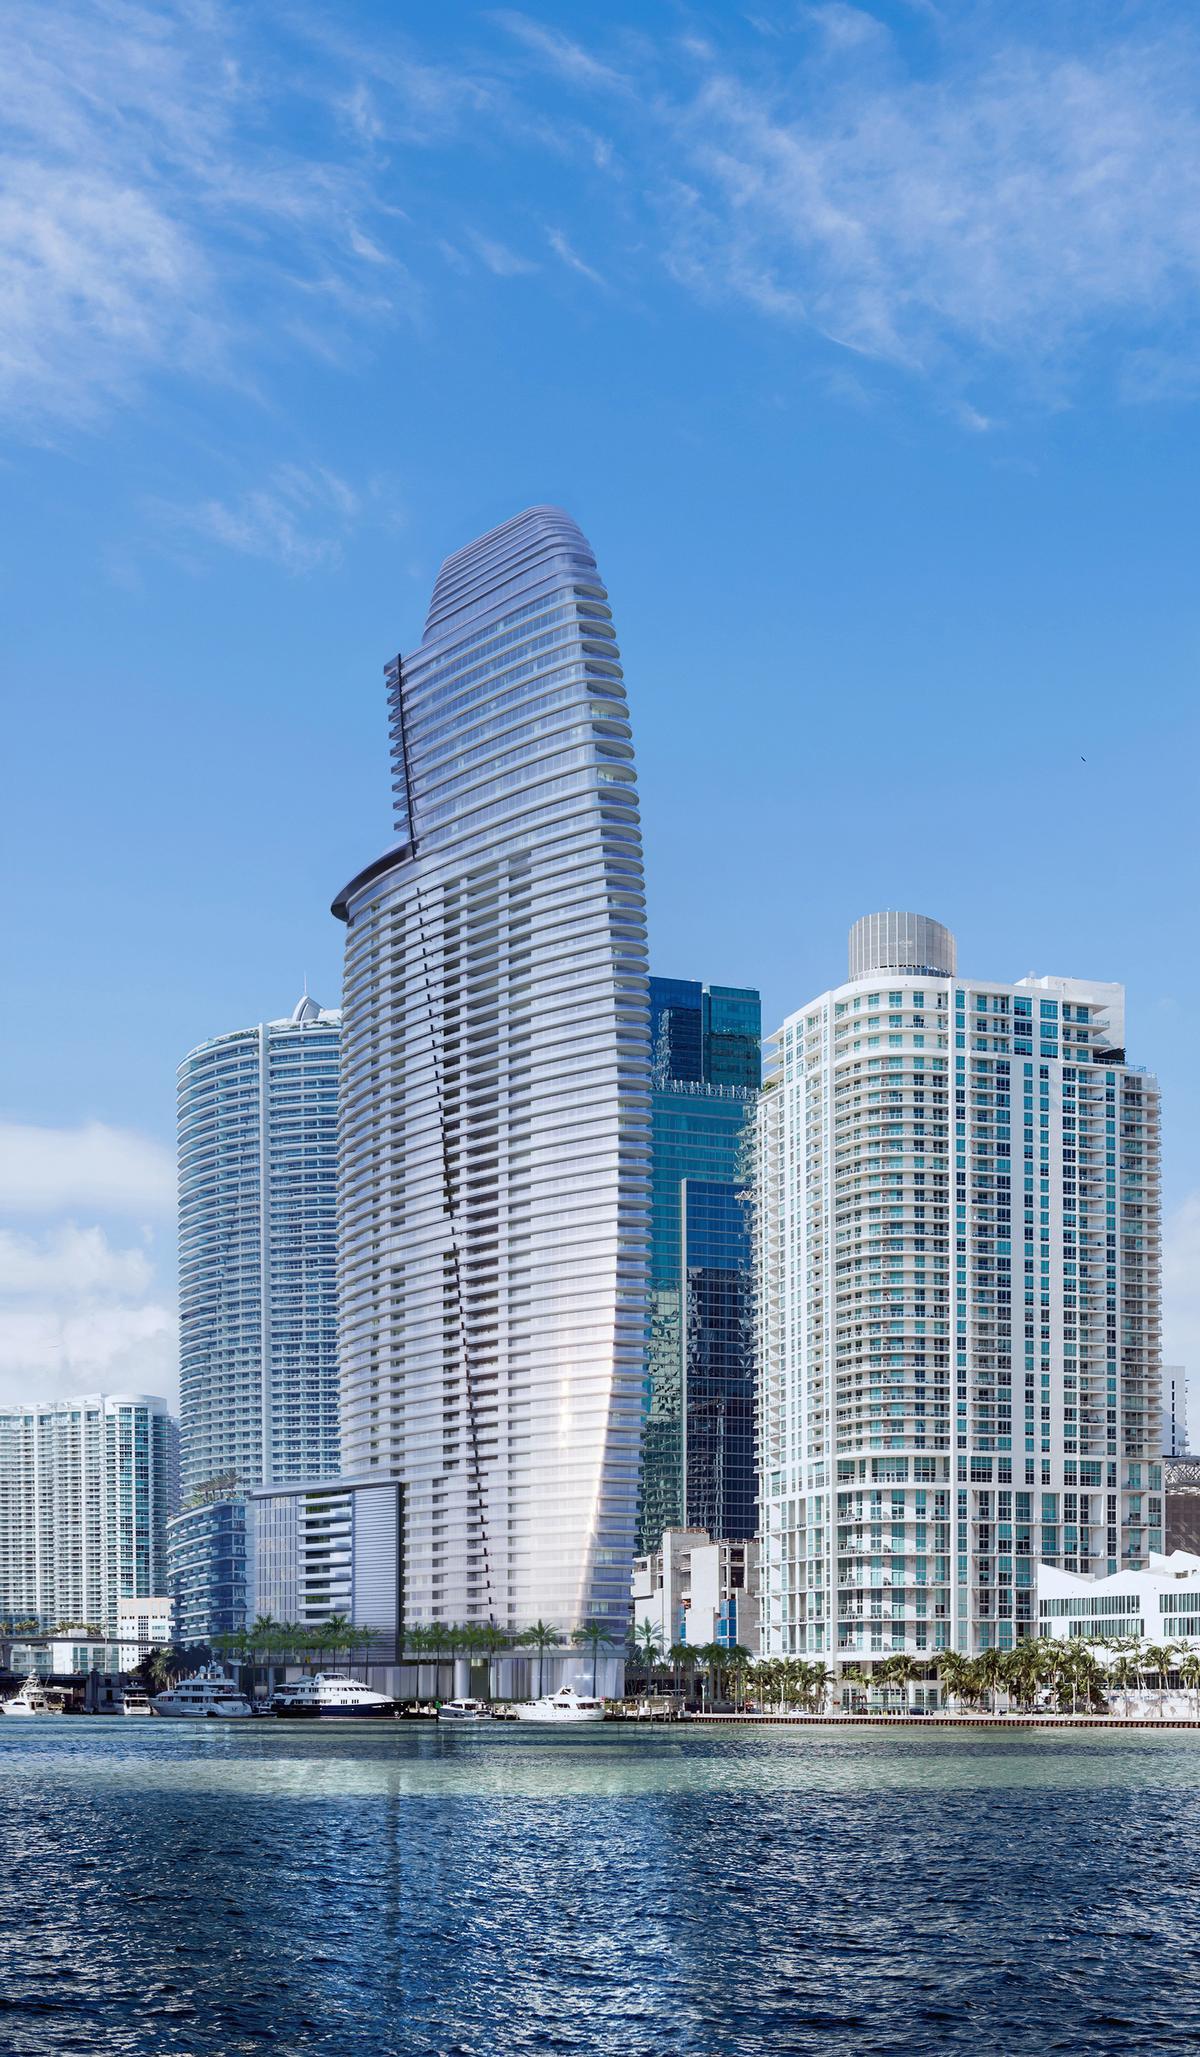 It is located in Miami / Aston Martin